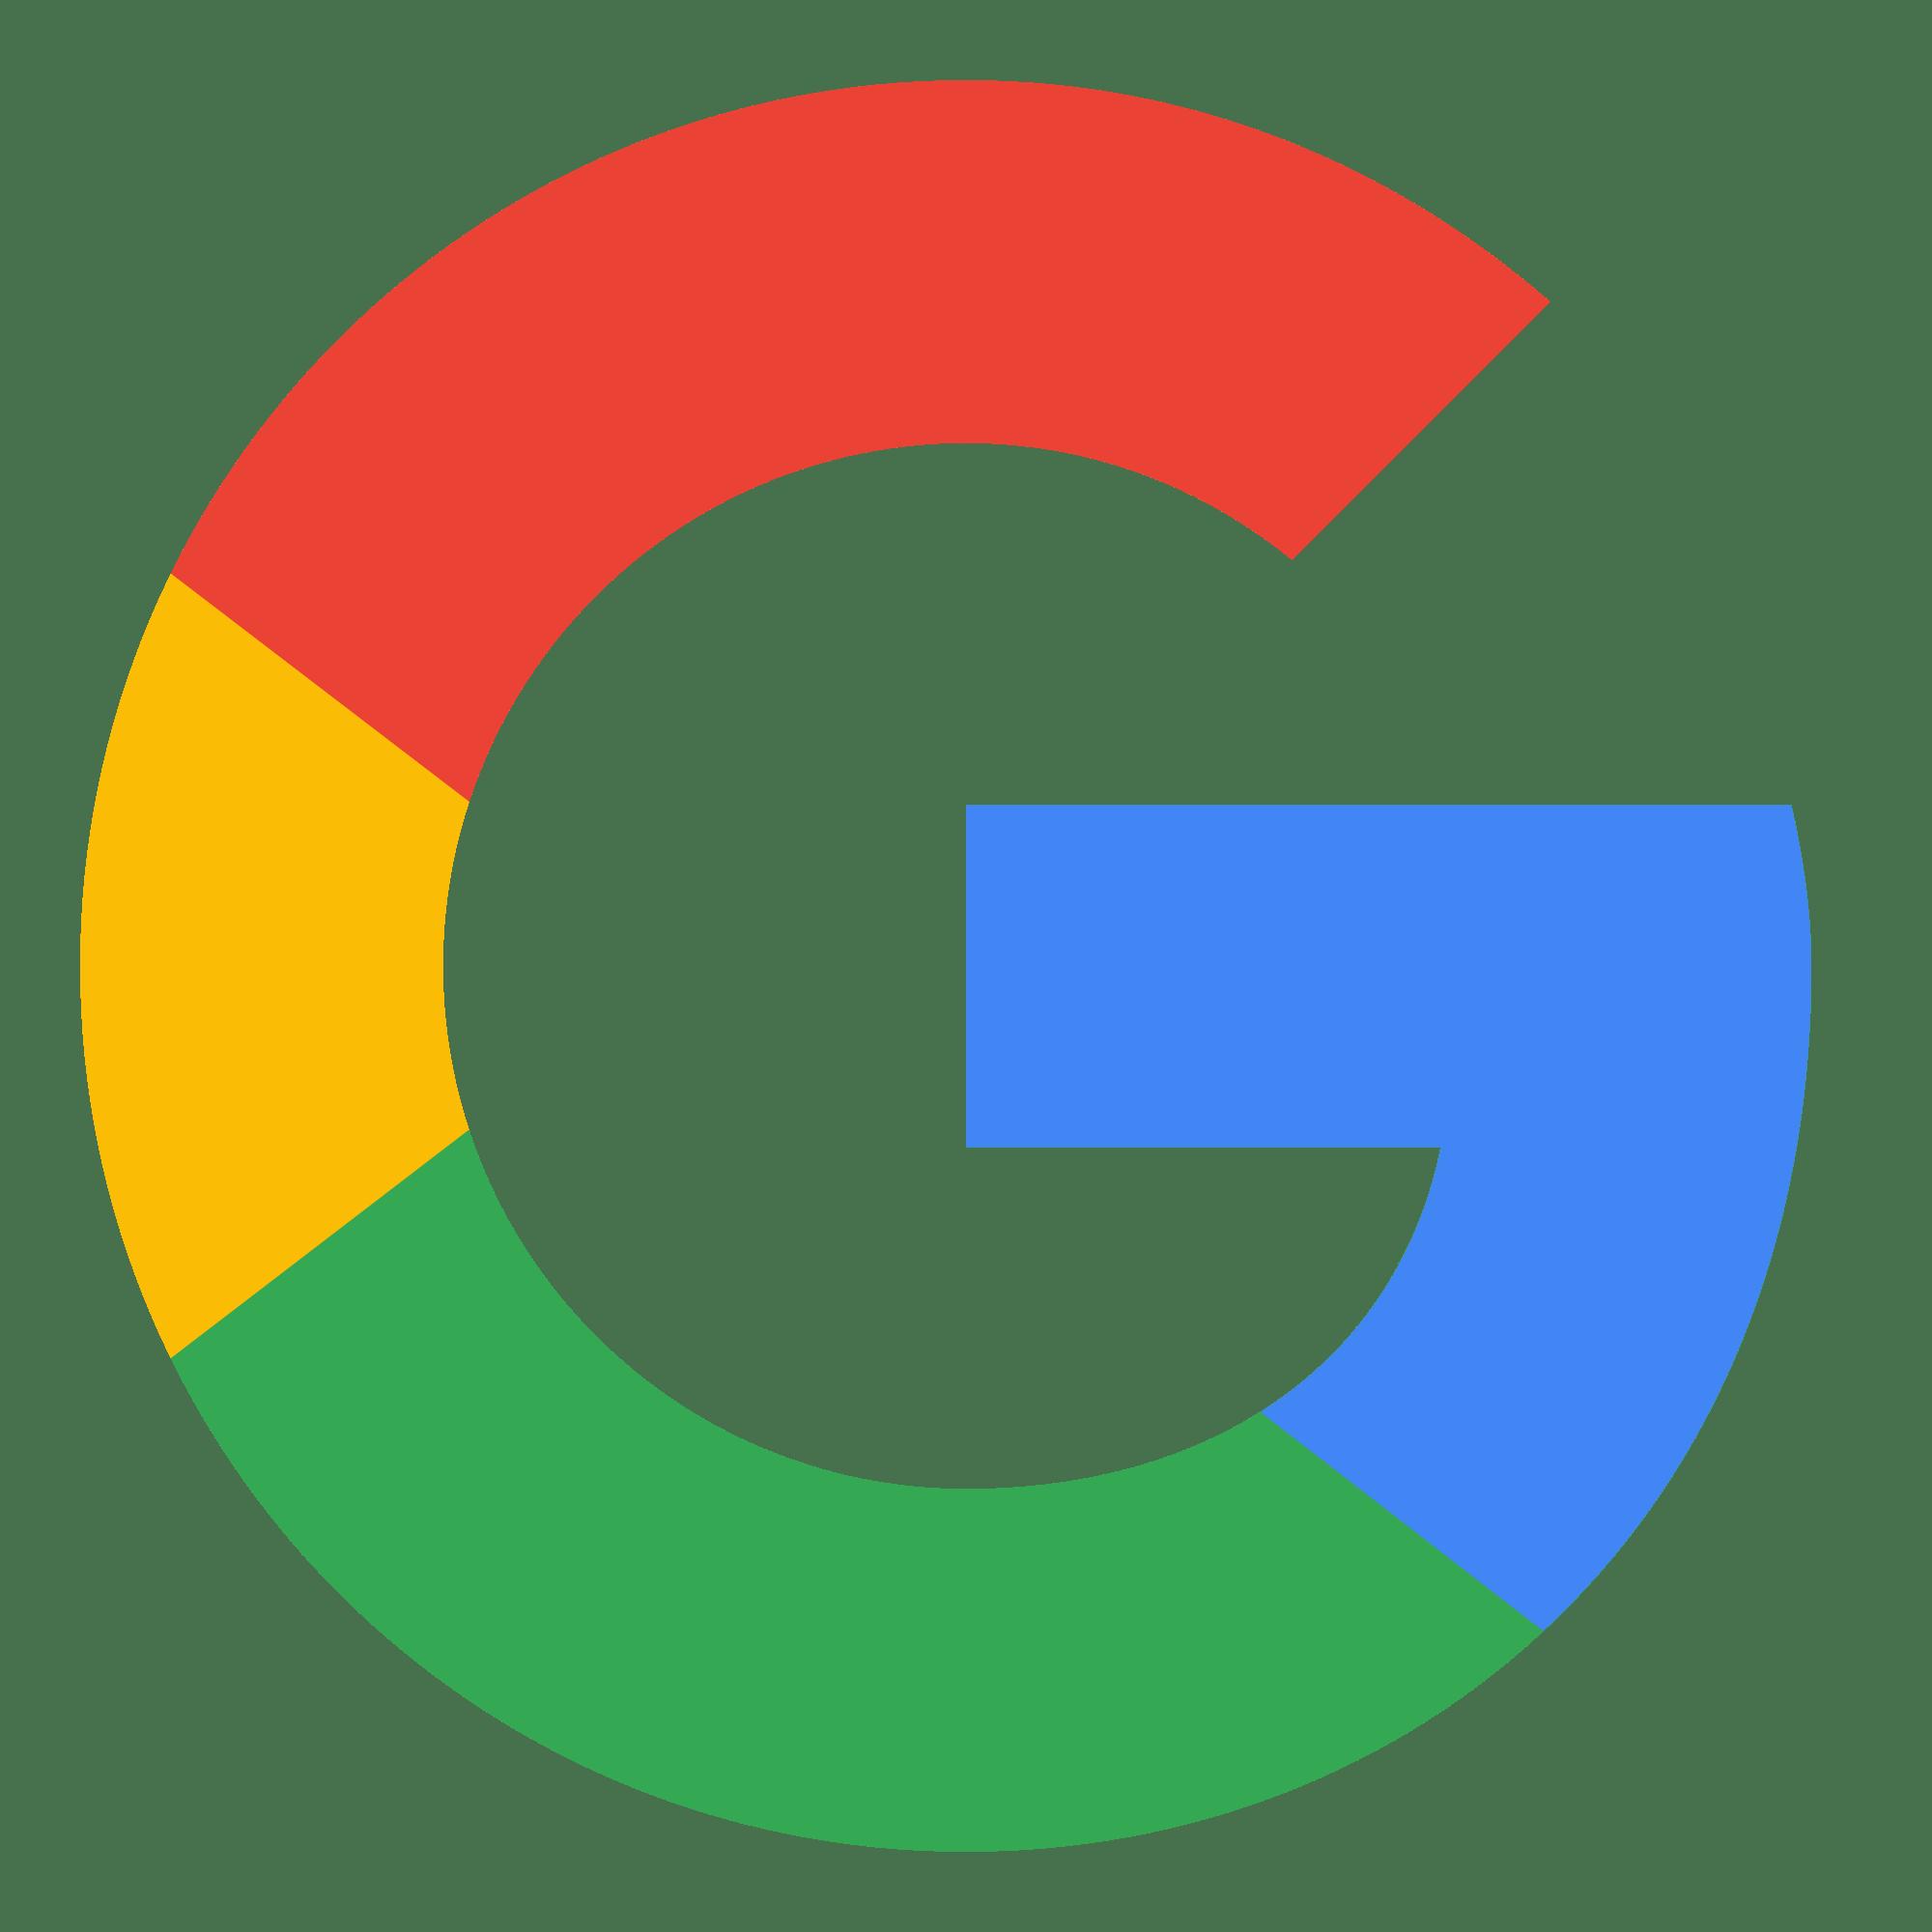 Iniciar sesión con Google